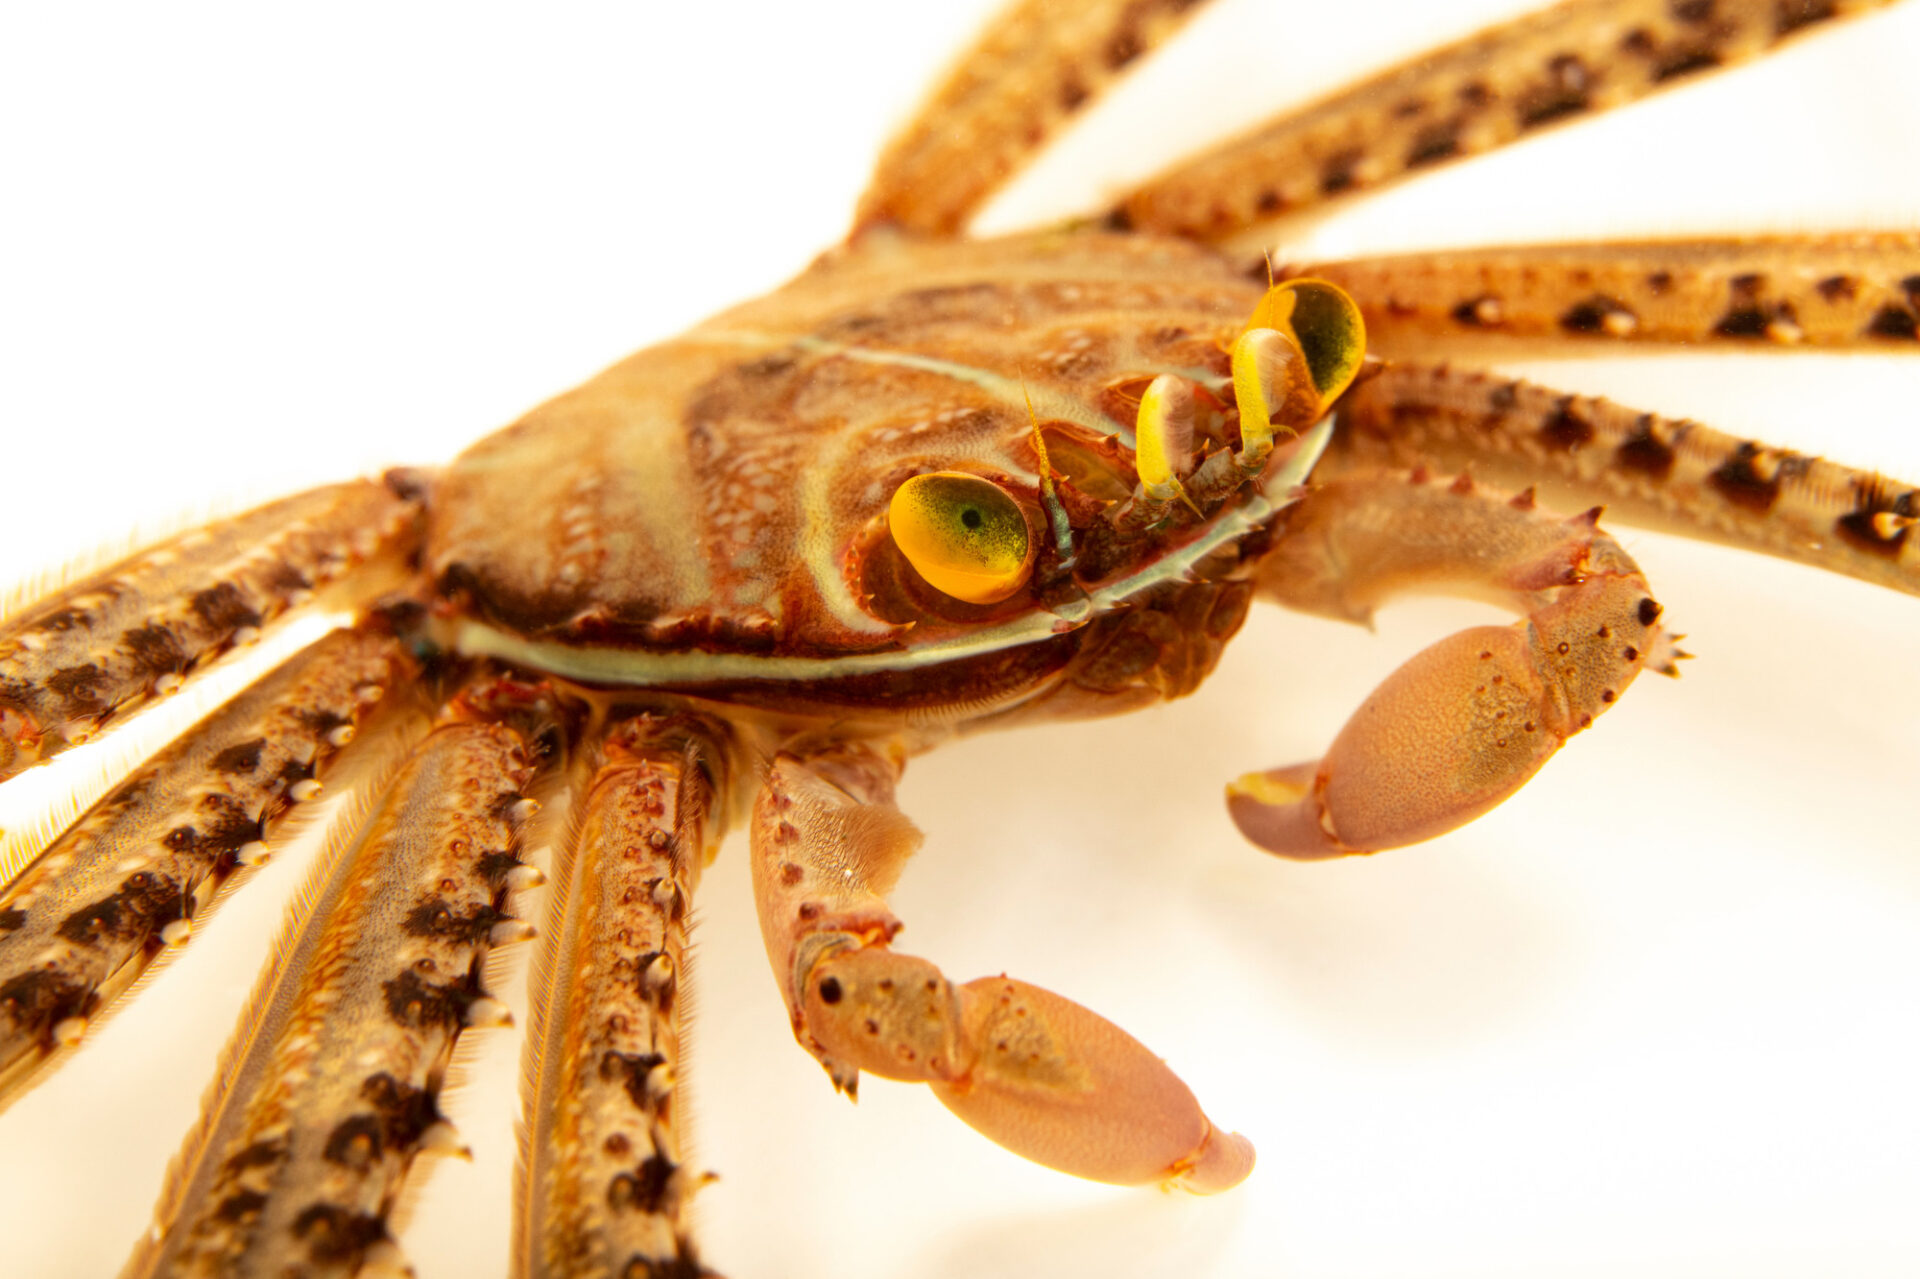 Photo: A nimble spray crab (Percnon gibbesi) at Riverbanks Zoo and Garden.